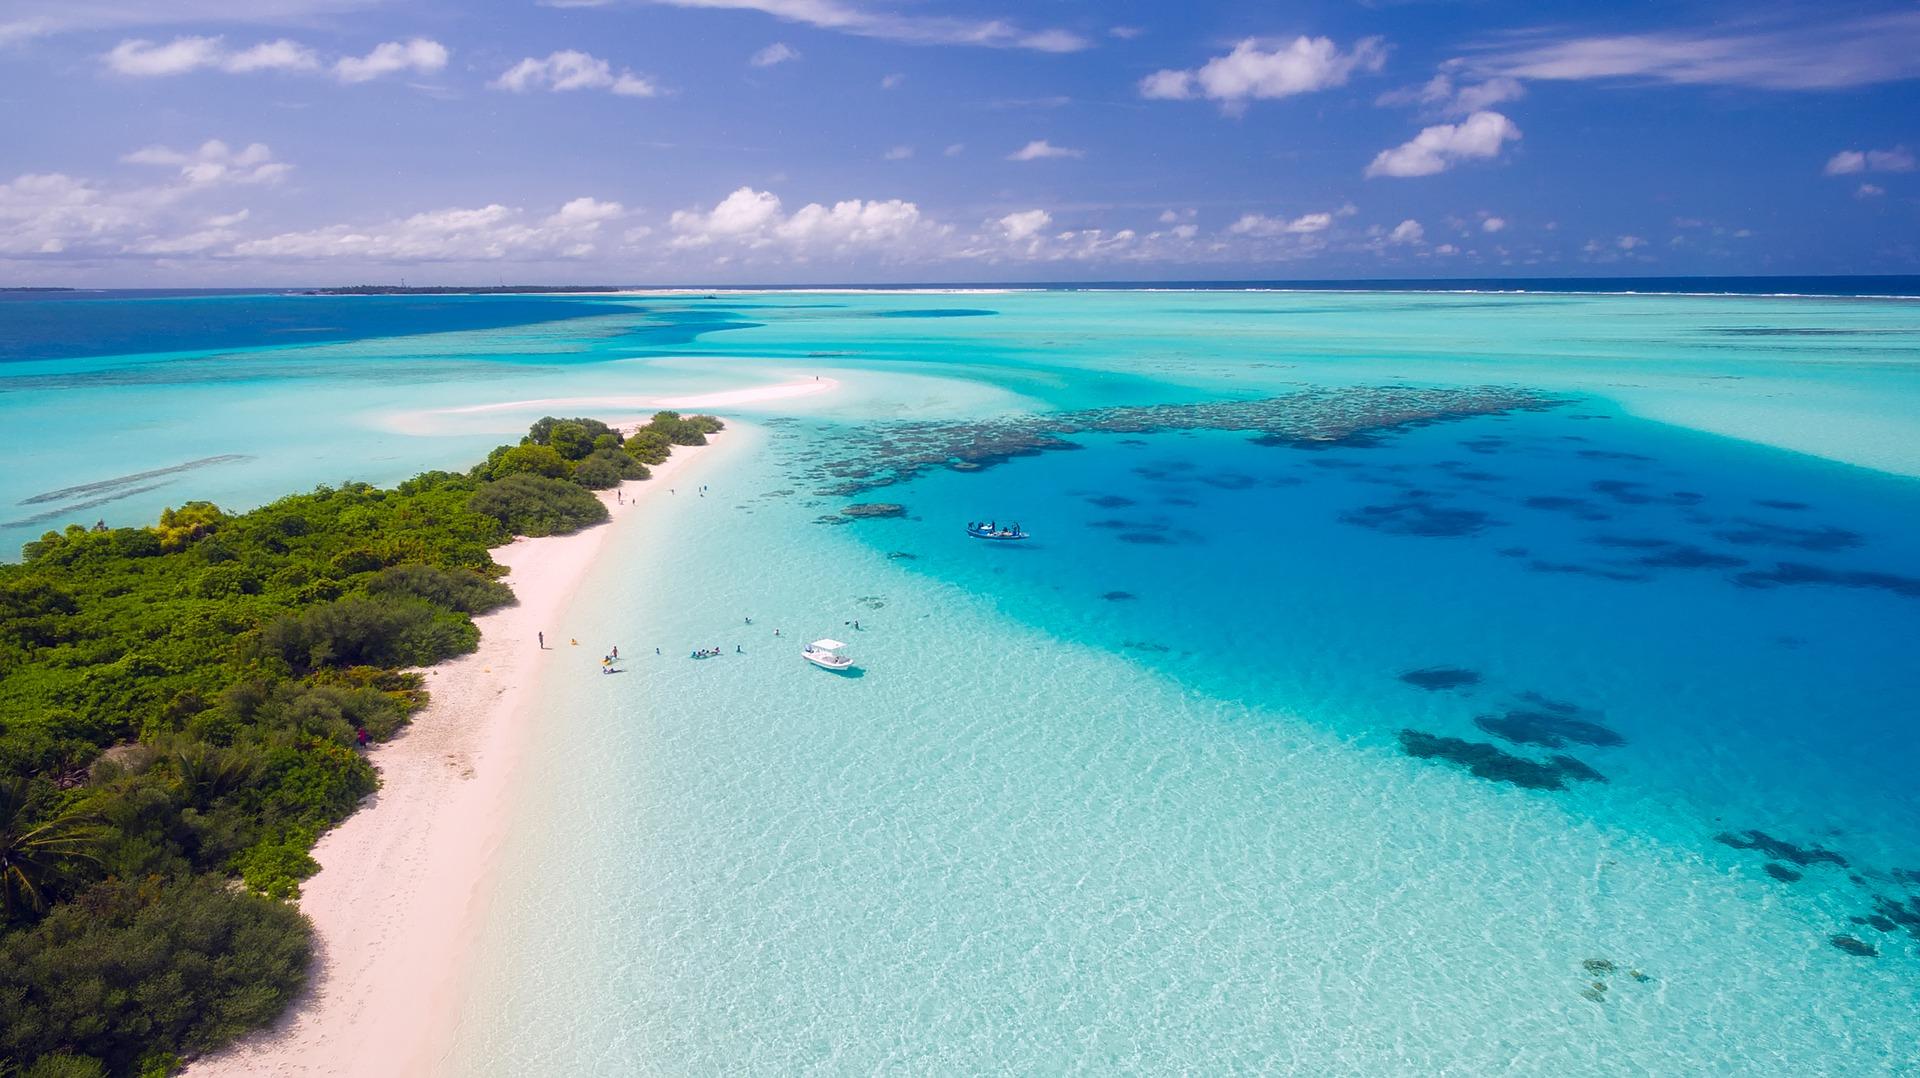 comment choisir sa destination de vacances? 1